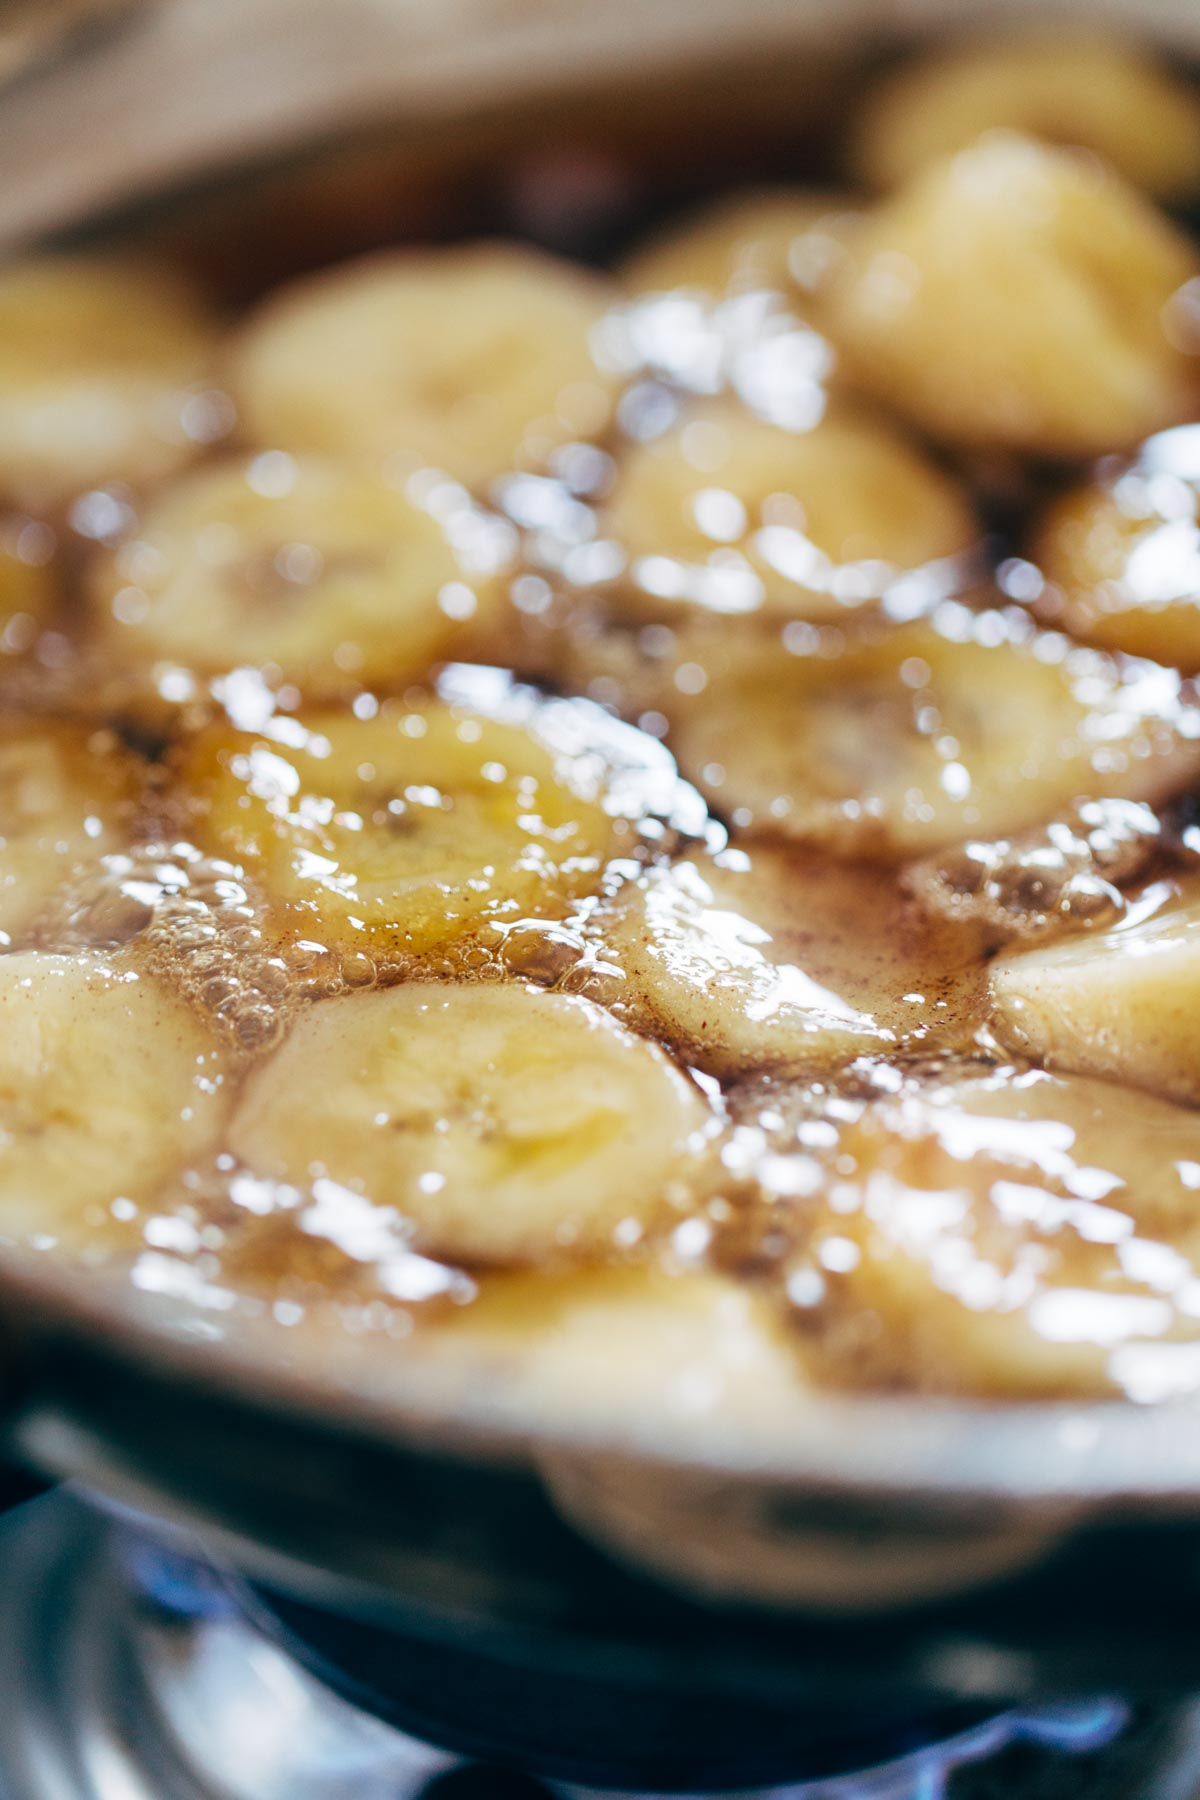 Caramelized Banana Oatmeal Recipe - Pinch of Yum